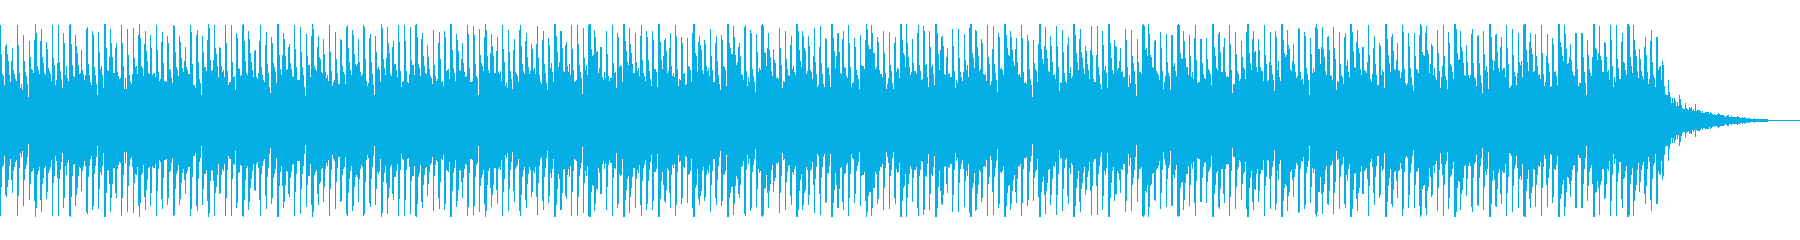 推理や論理的な思考中などの場面のBGMの再生済みの波形